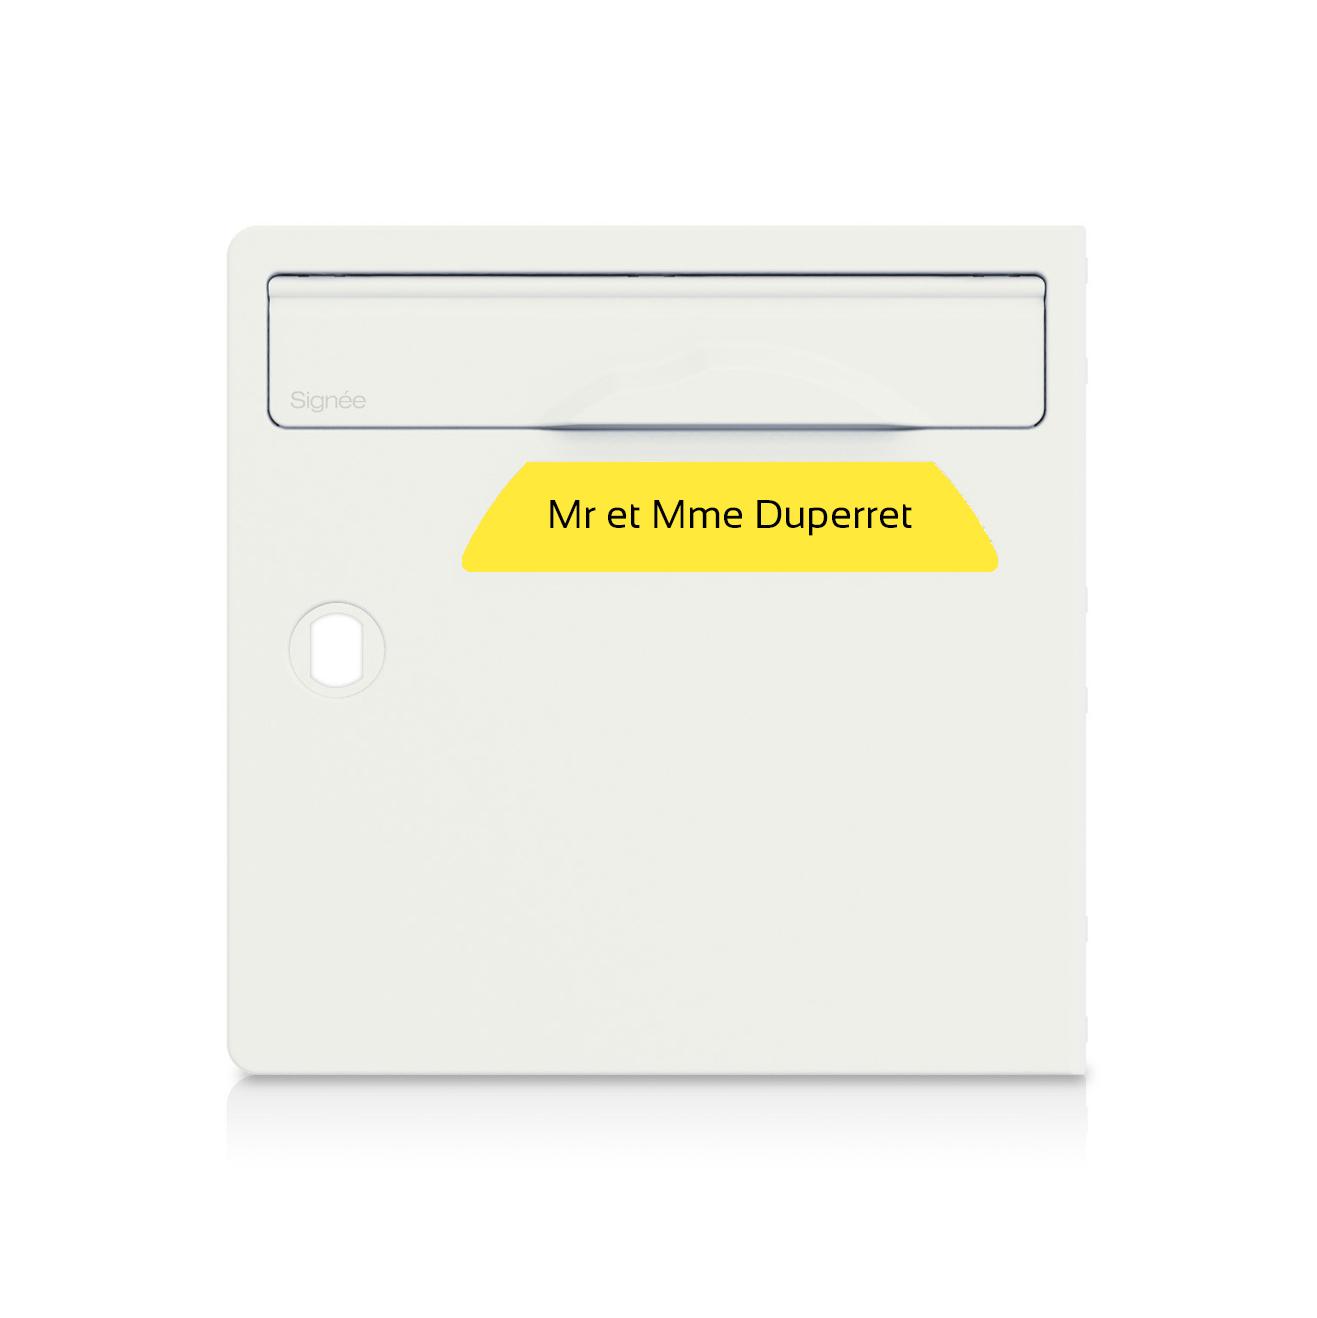 Plaque boite aux lettres Signée jaune lettres noires - 1 ligne